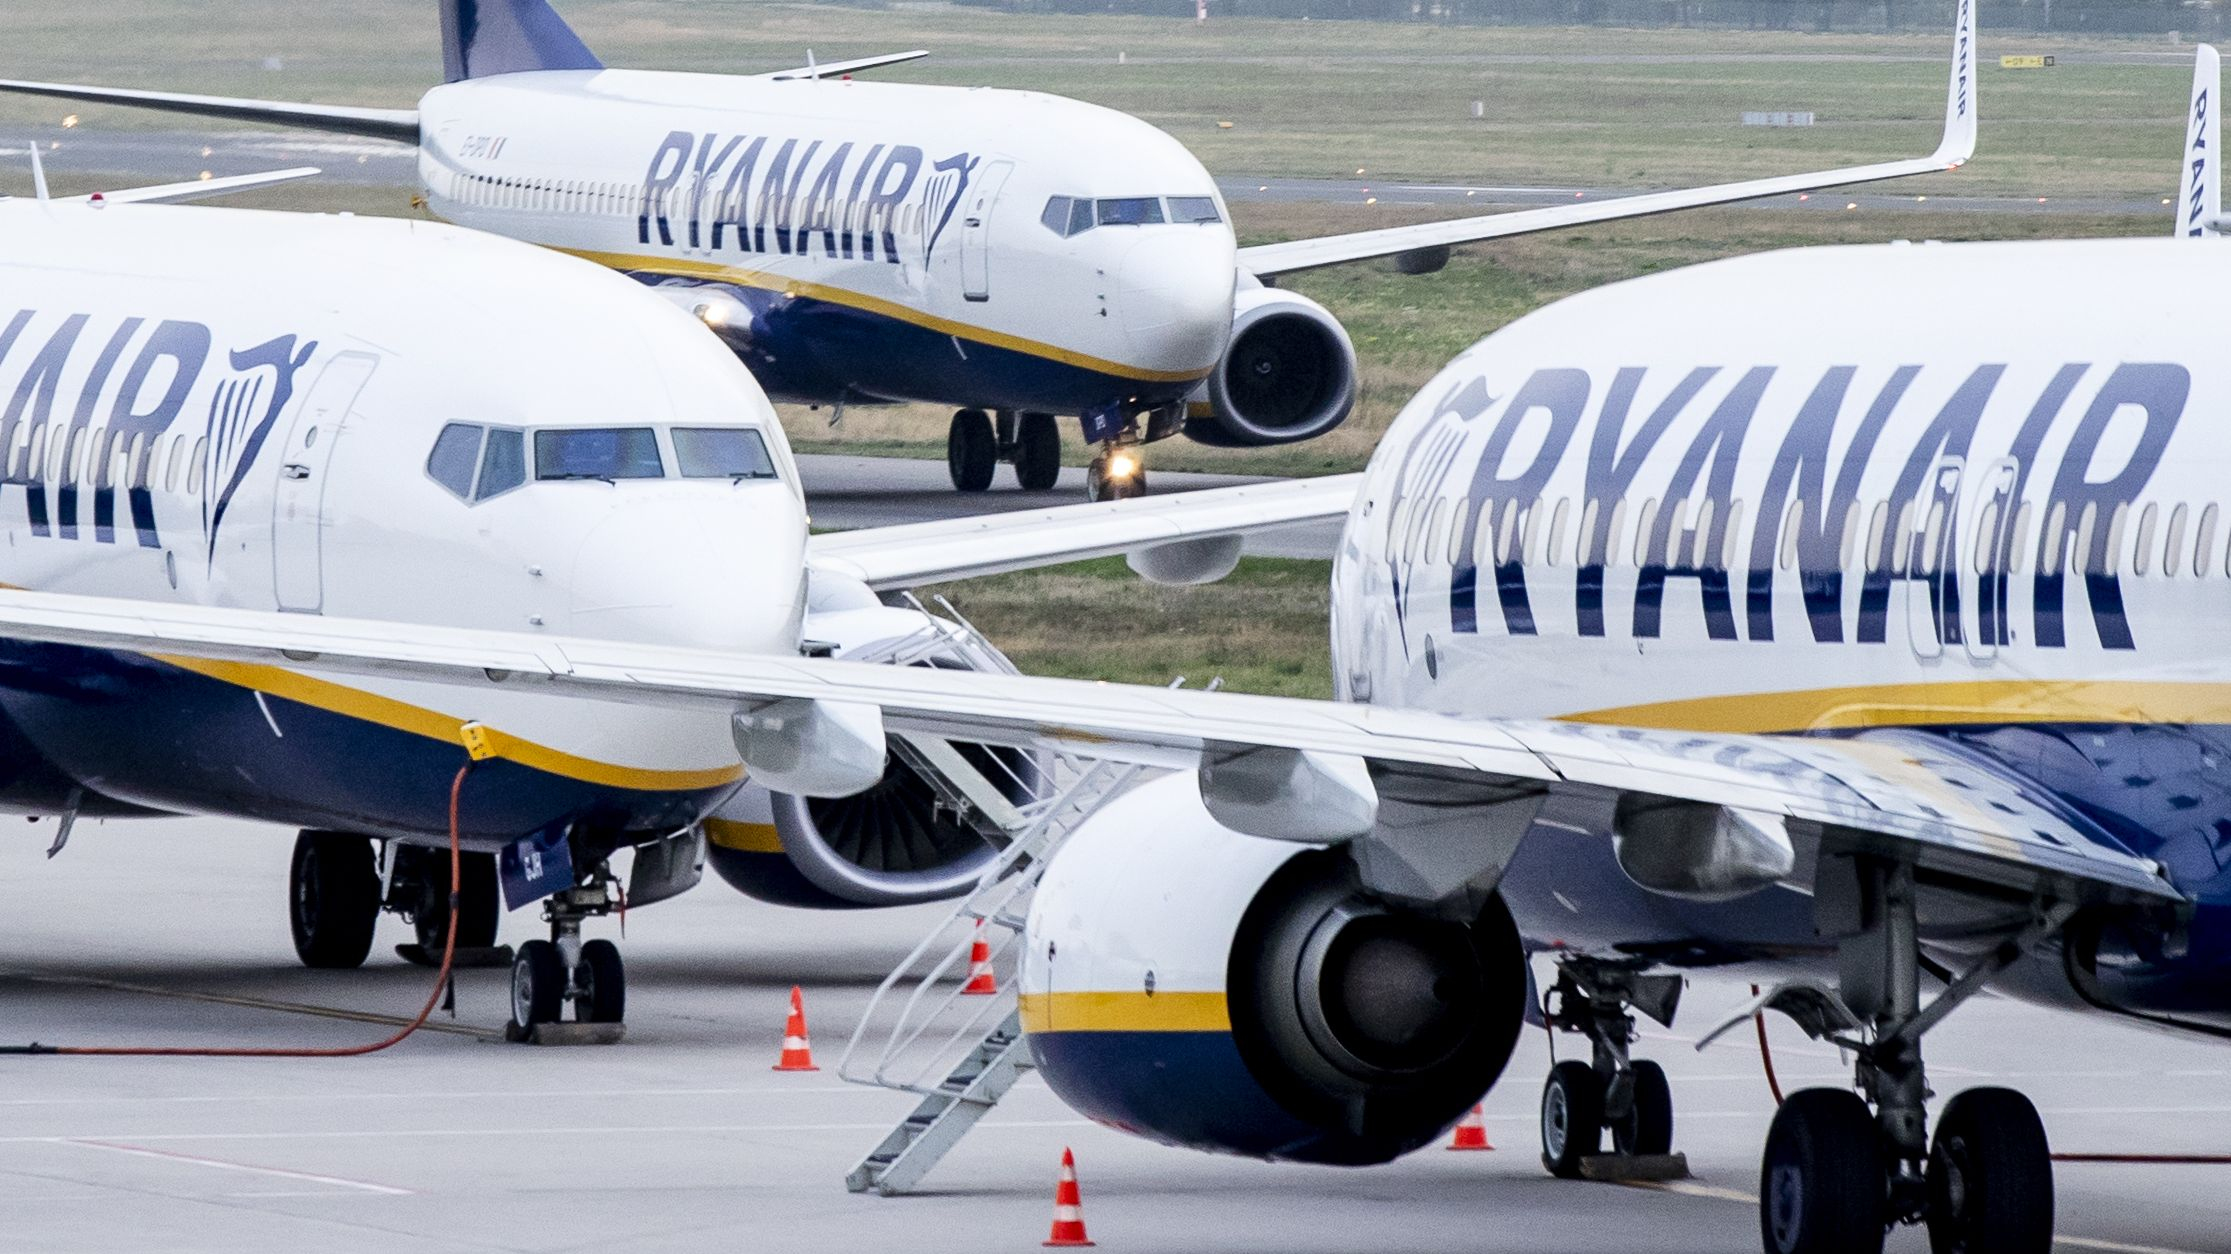 Maschinen von Ryanair